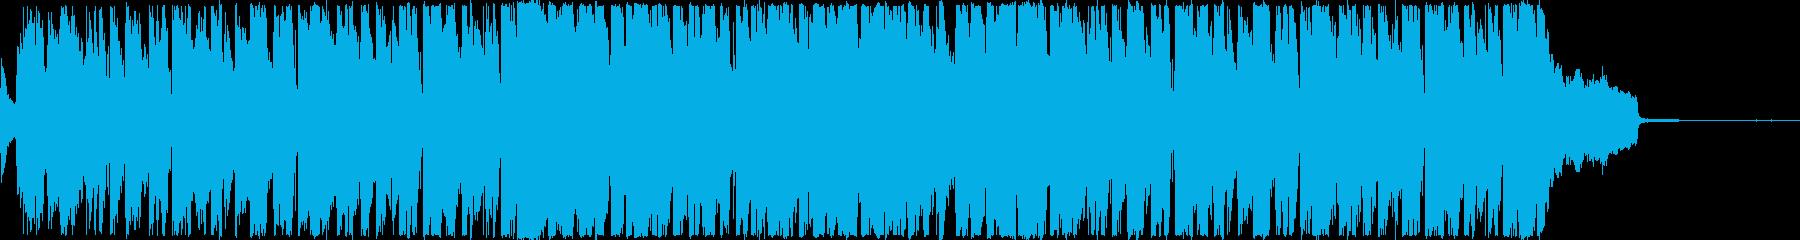 デートにぴったりのおしゃれジャズ・1分の再生済みの波形